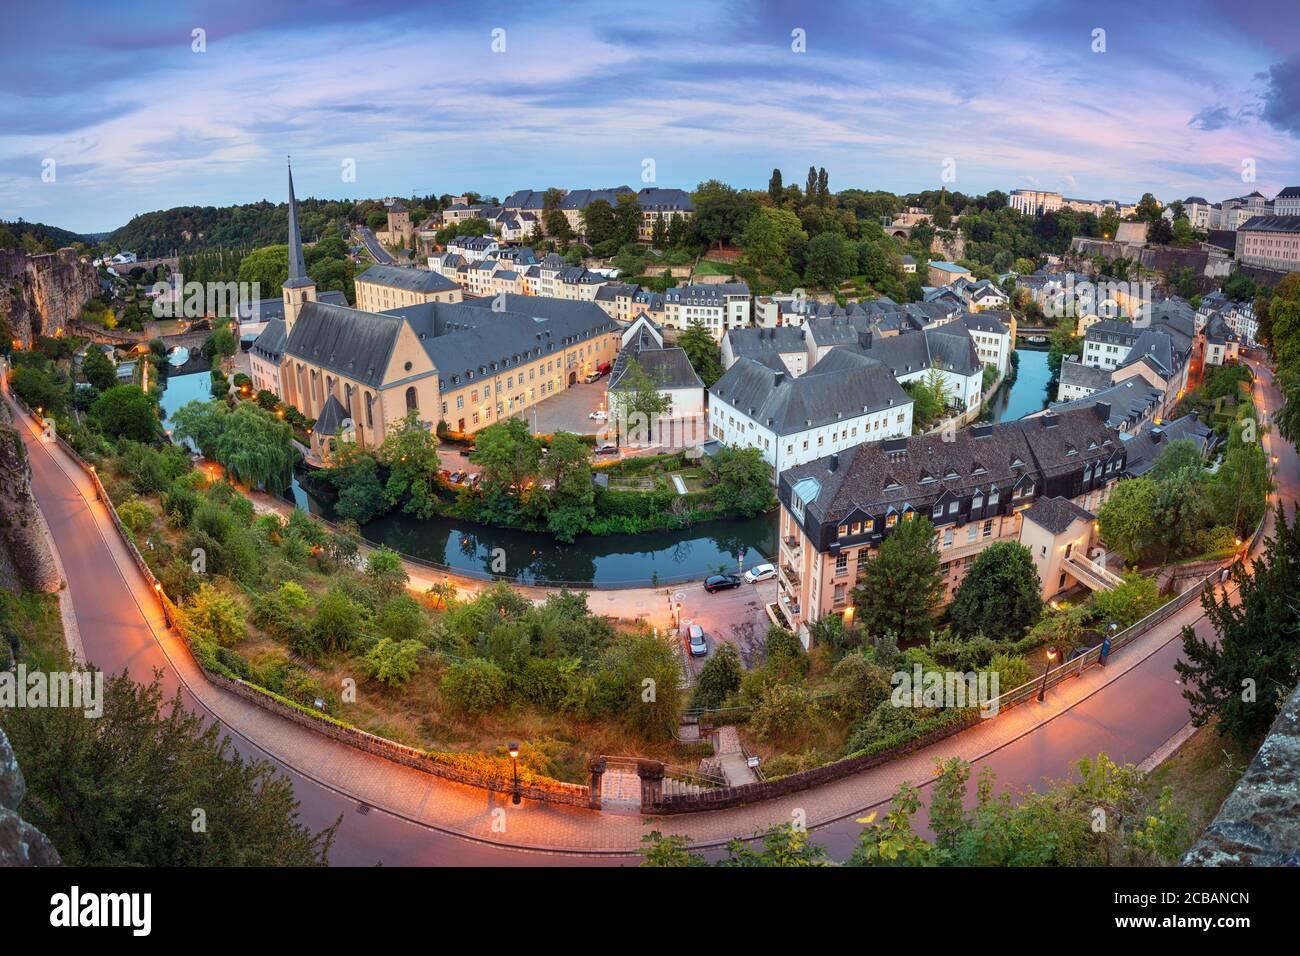 Luxembourg. Image de paysage urbain aérien de la vieille ville de Luxembourg au coucher du soleil d'été. Banque D'Images